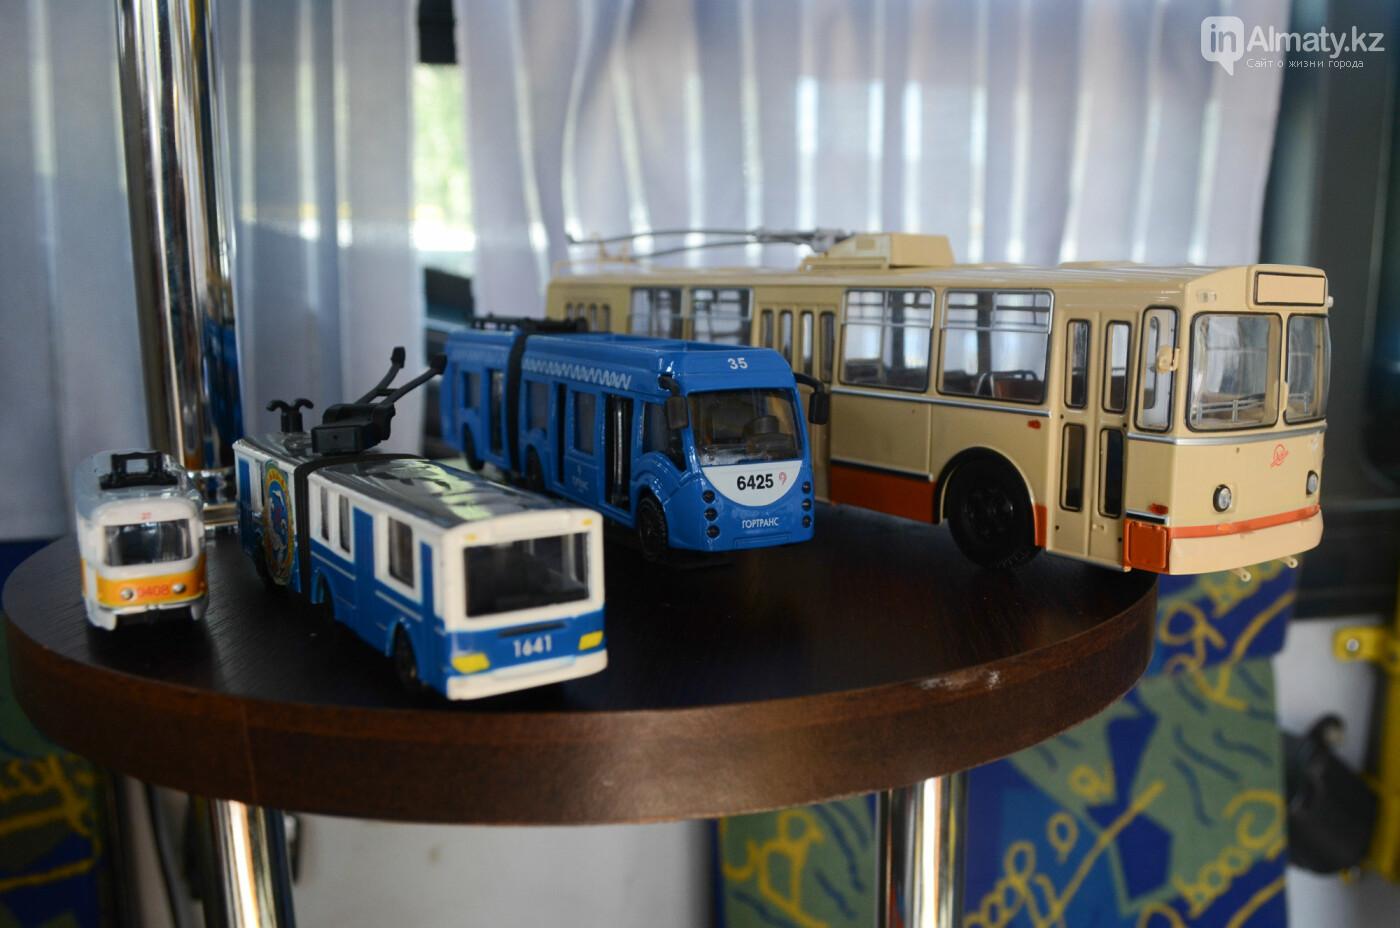 Юбилей троллейбуса отметили в Алматы (фото), фото-16